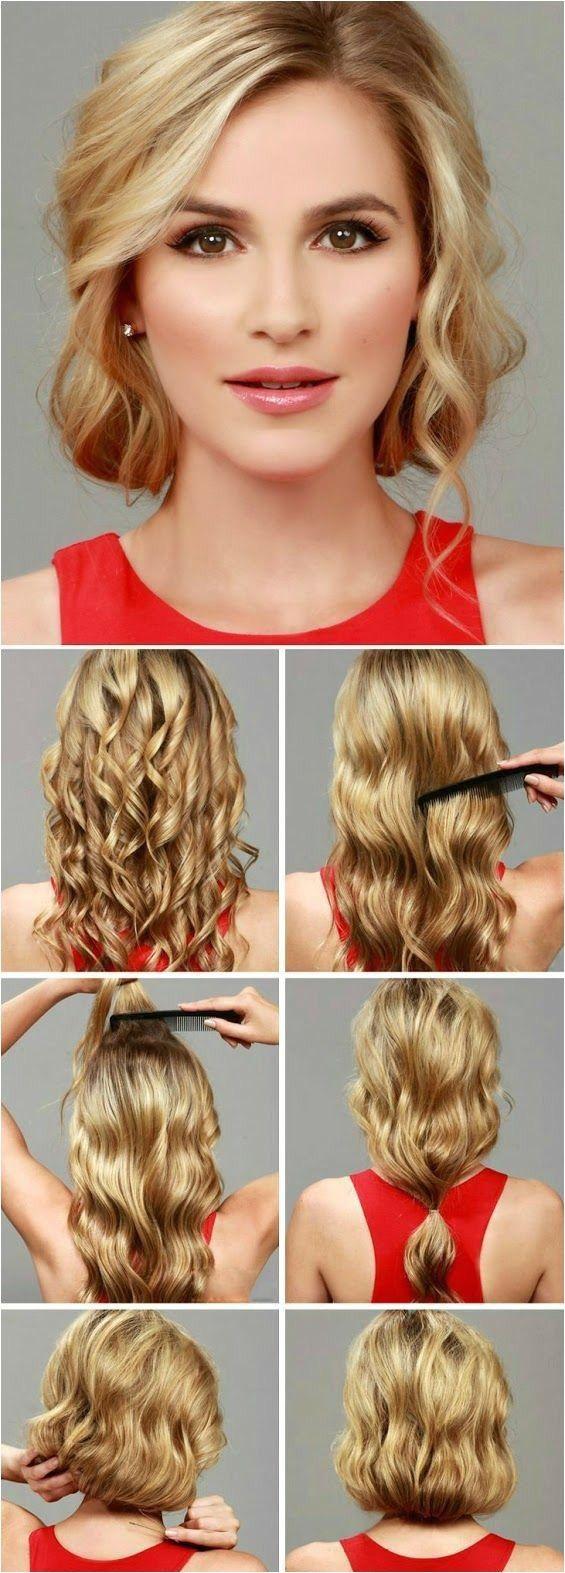 Flapper Girl Frisuren Frisuren Trends Lange Haare 20er Jahre Frisur Brautfrisuren Lange Haare